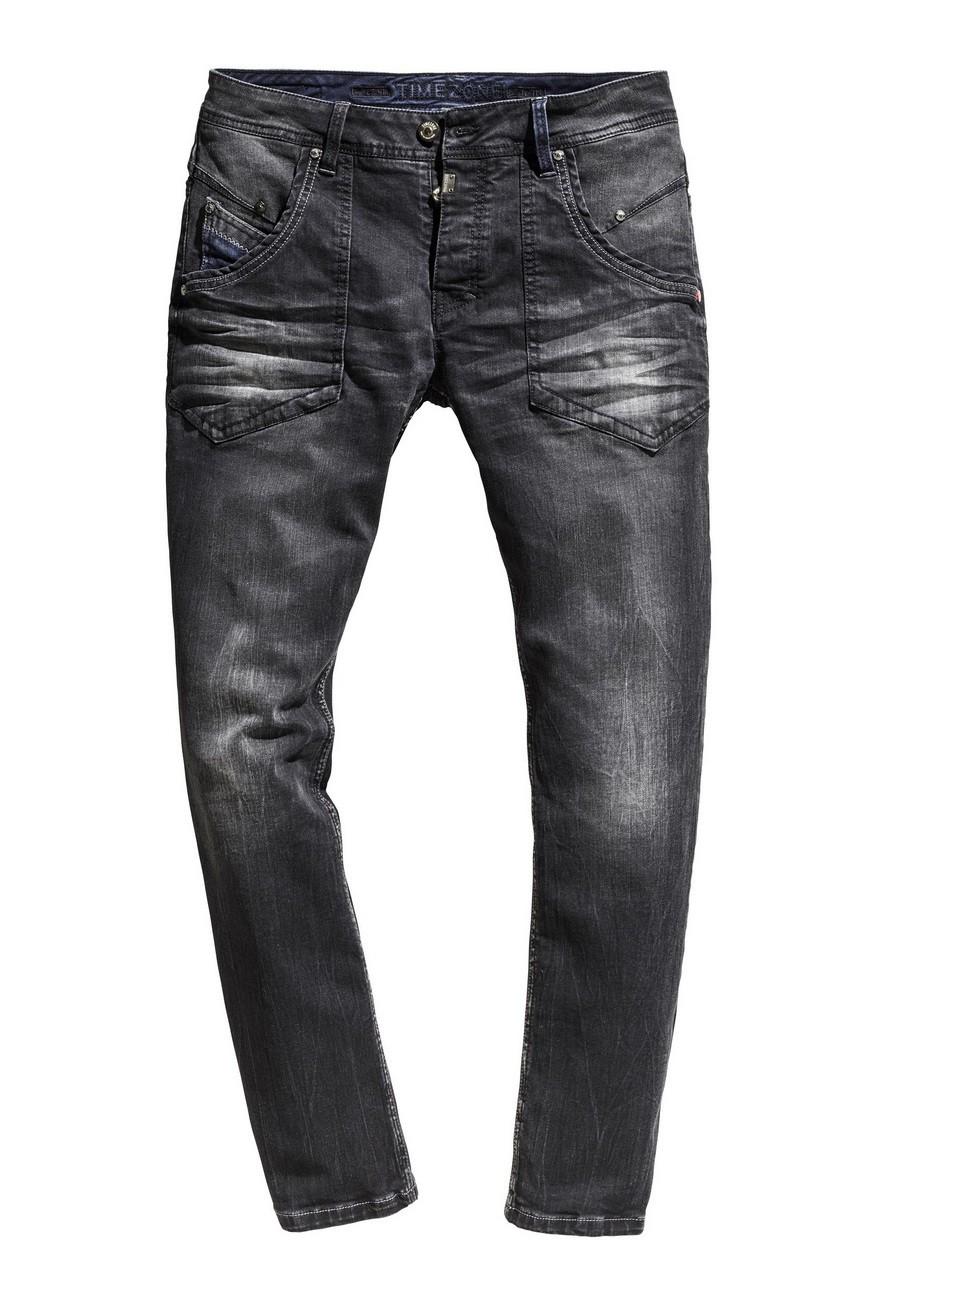 timezone herren jeans claymoretz comfort fit schwarz. Black Bedroom Furniture Sets. Home Design Ideas